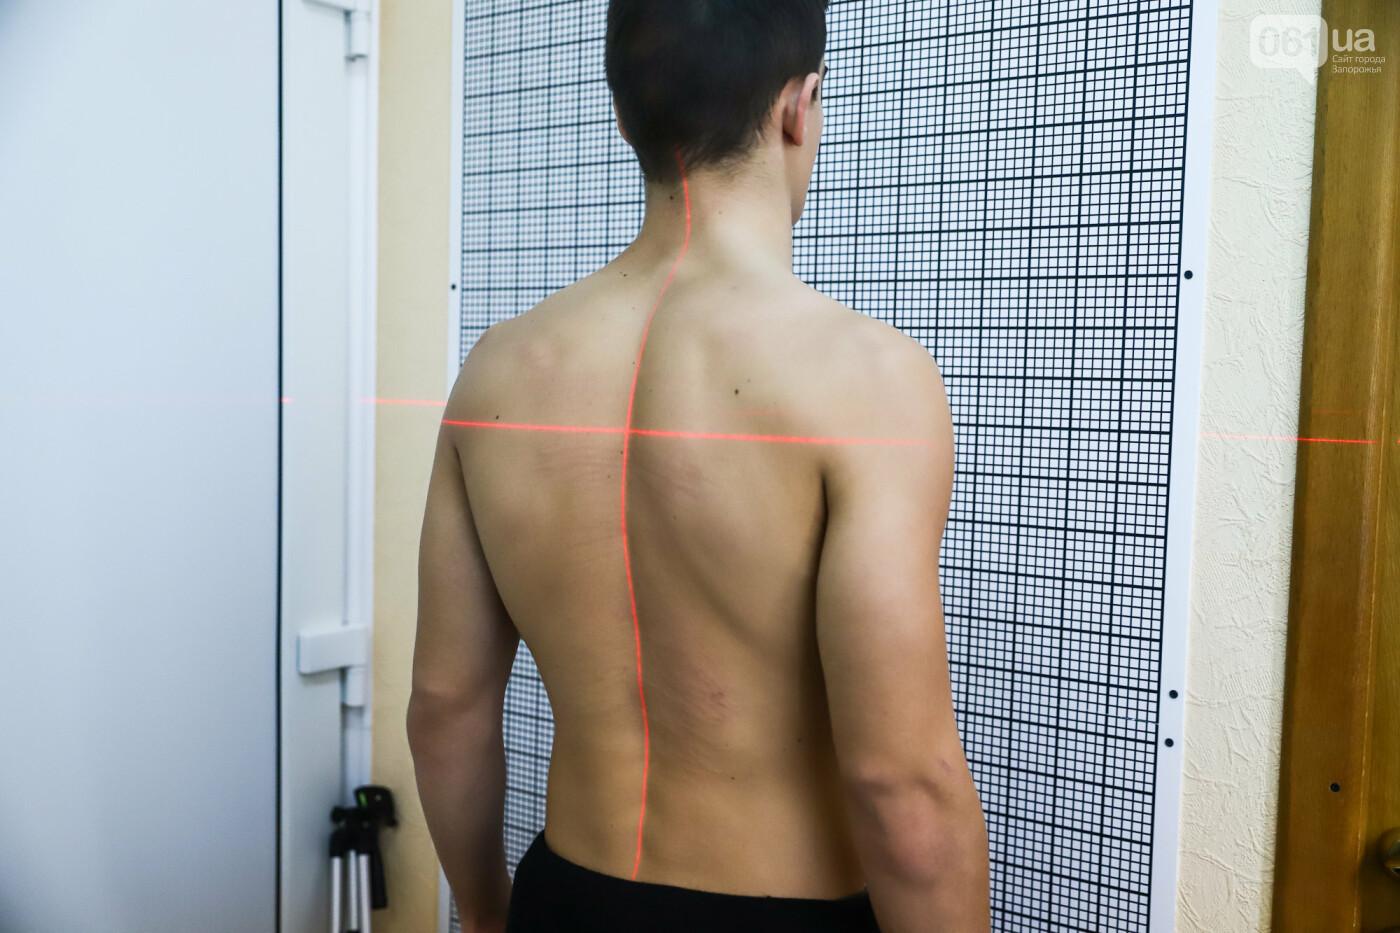 3D-исследование и уникальные тренажеры: как в запорожской клинике OrtoSano лечат болезни позвоночника и суставов, фото-5